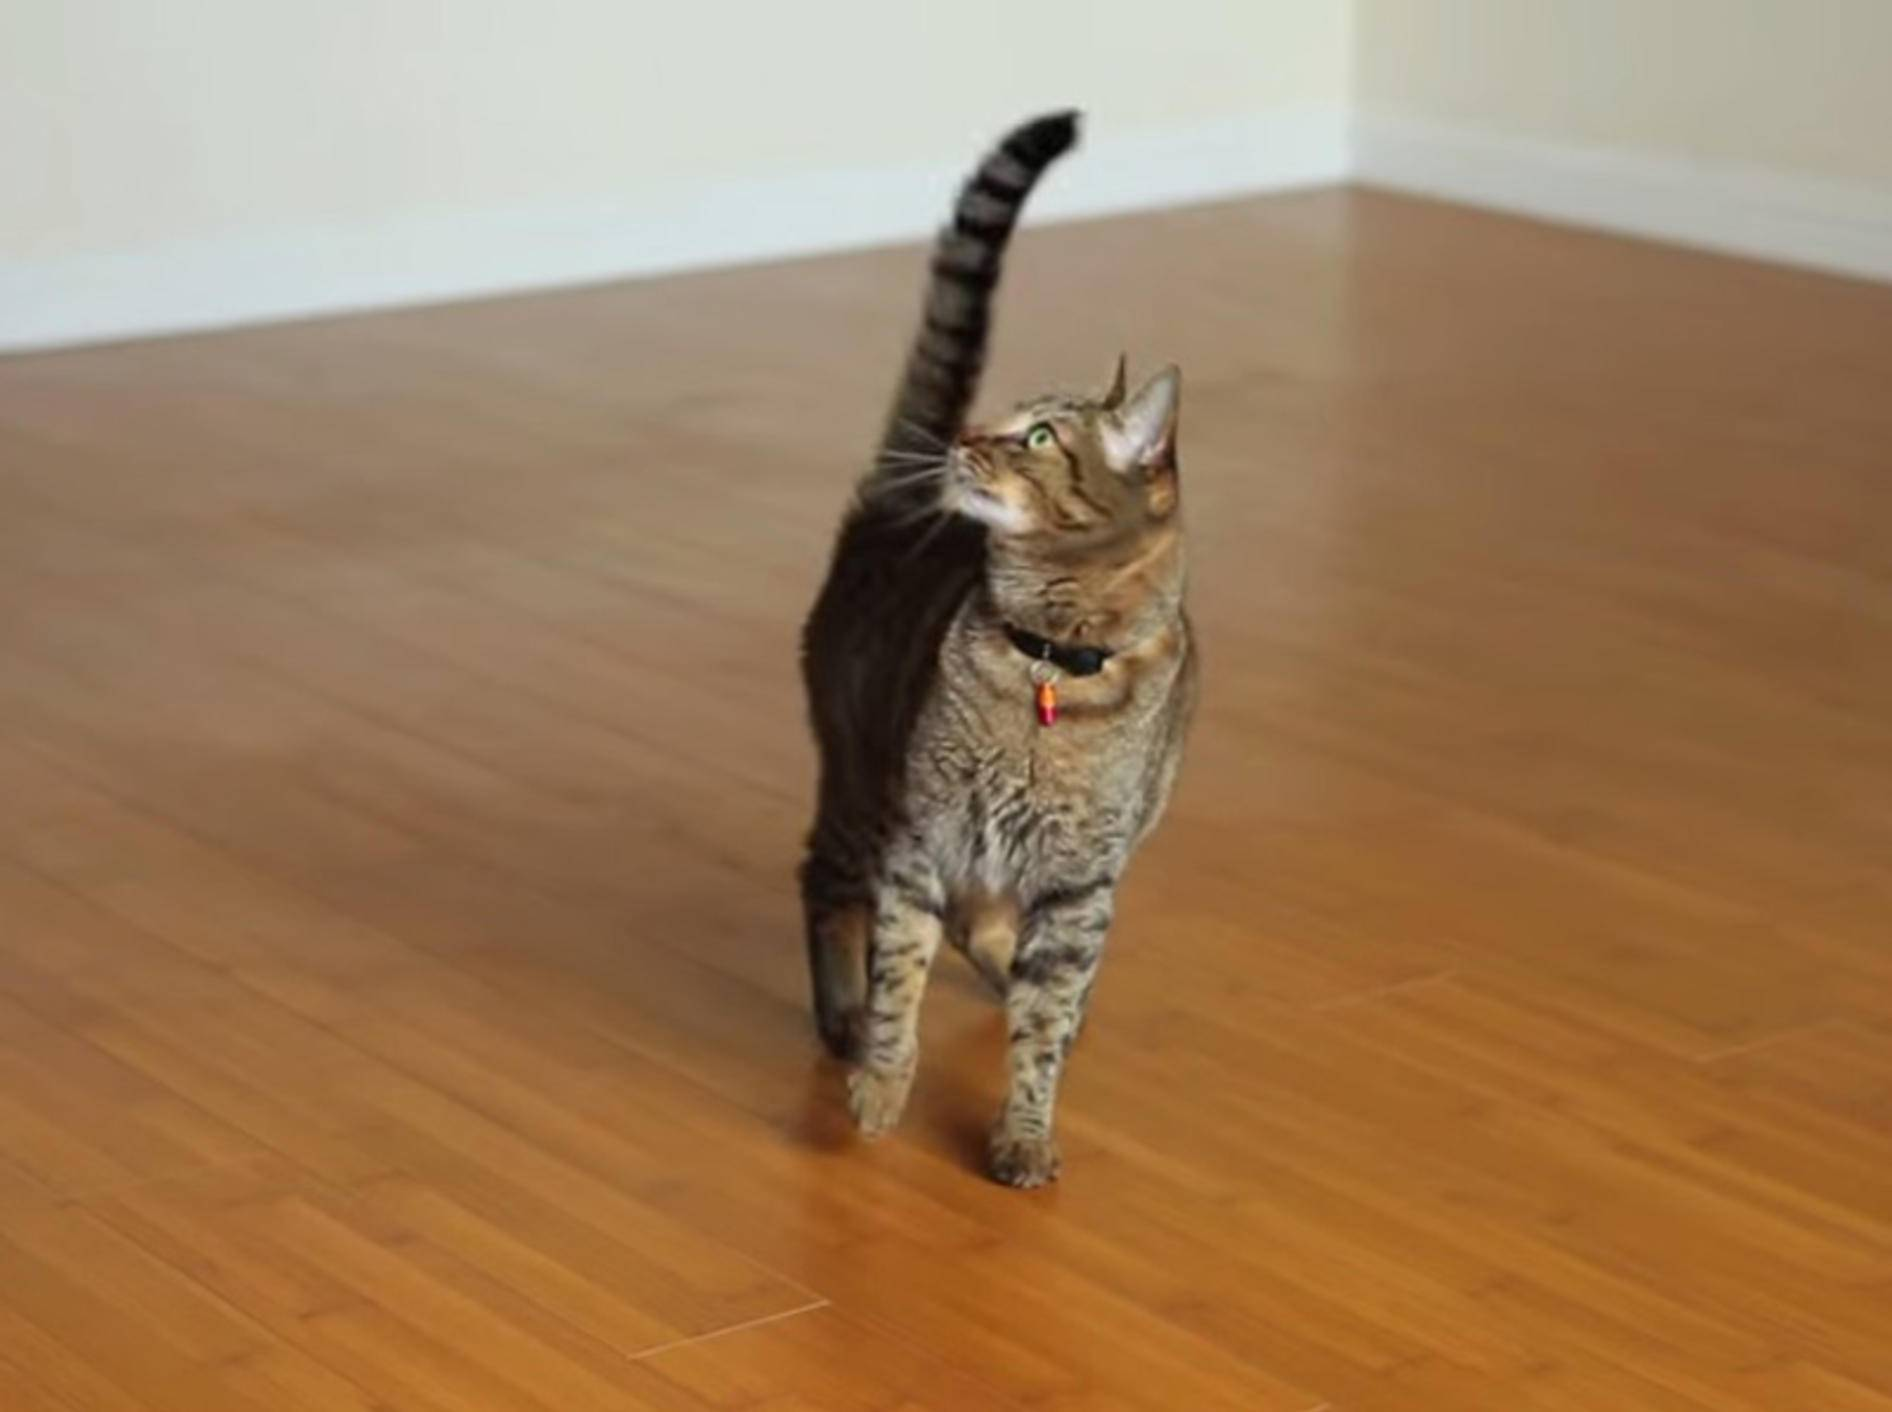 Getigerte Katze führt Ventilator-Tanz auf – Bild: Youtube / TheMeanKitty